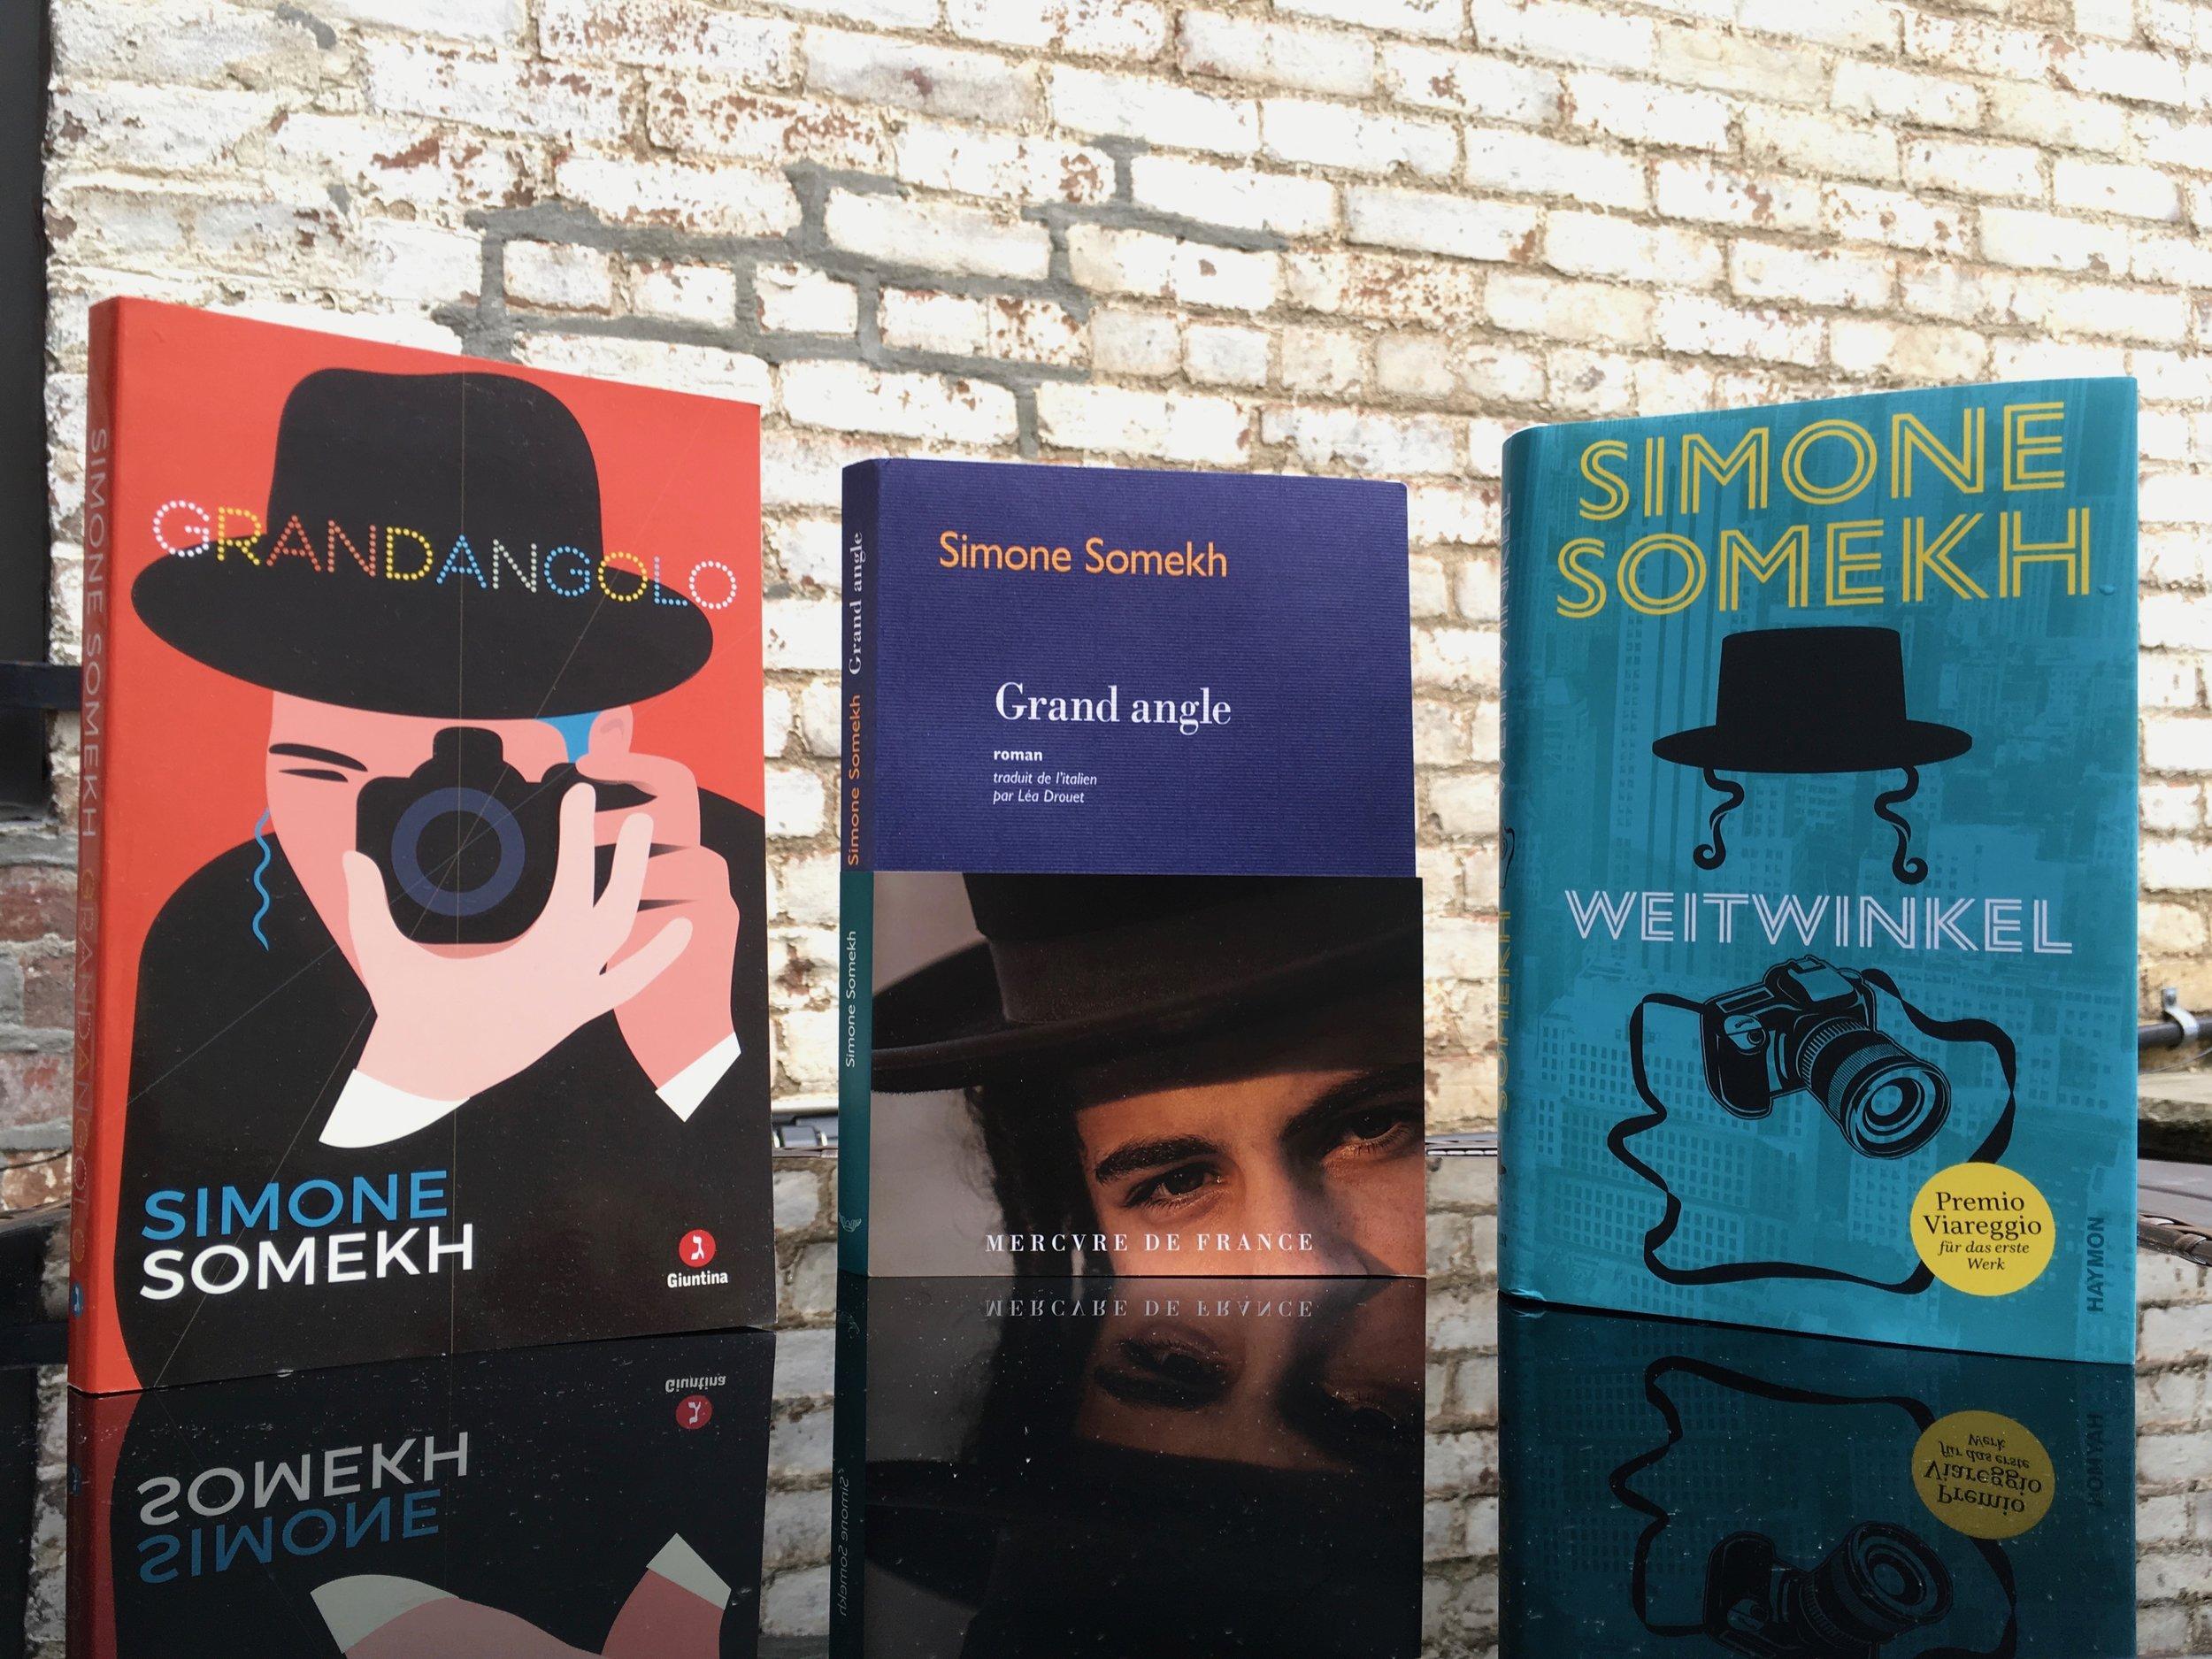 simone-somekh-grandangolo-covers-1